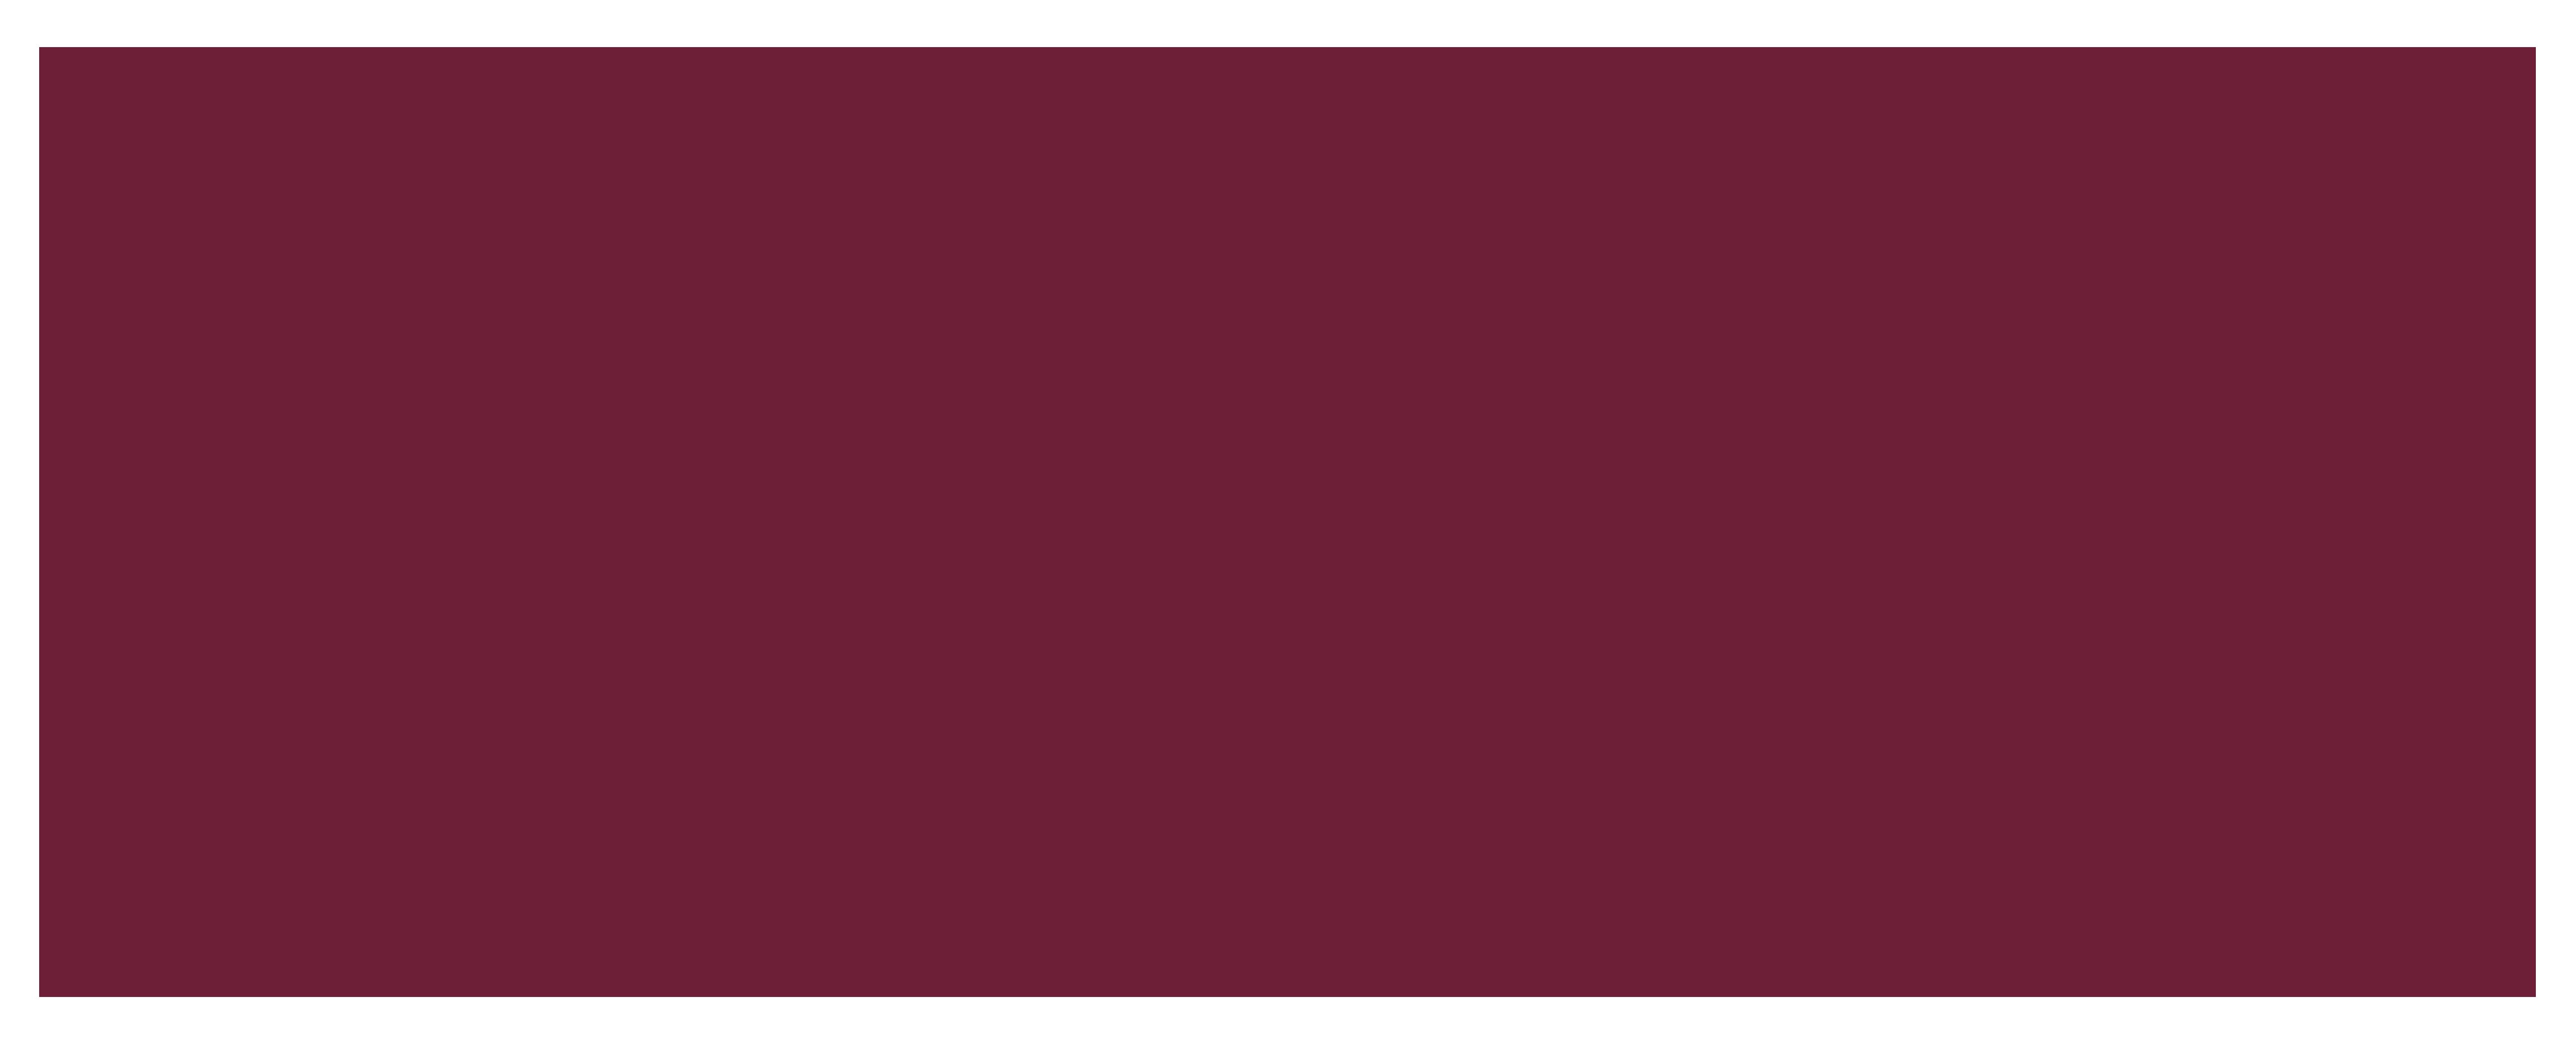 COSTA_COFFEE_ LOGO_SCREEN_USE_RGB